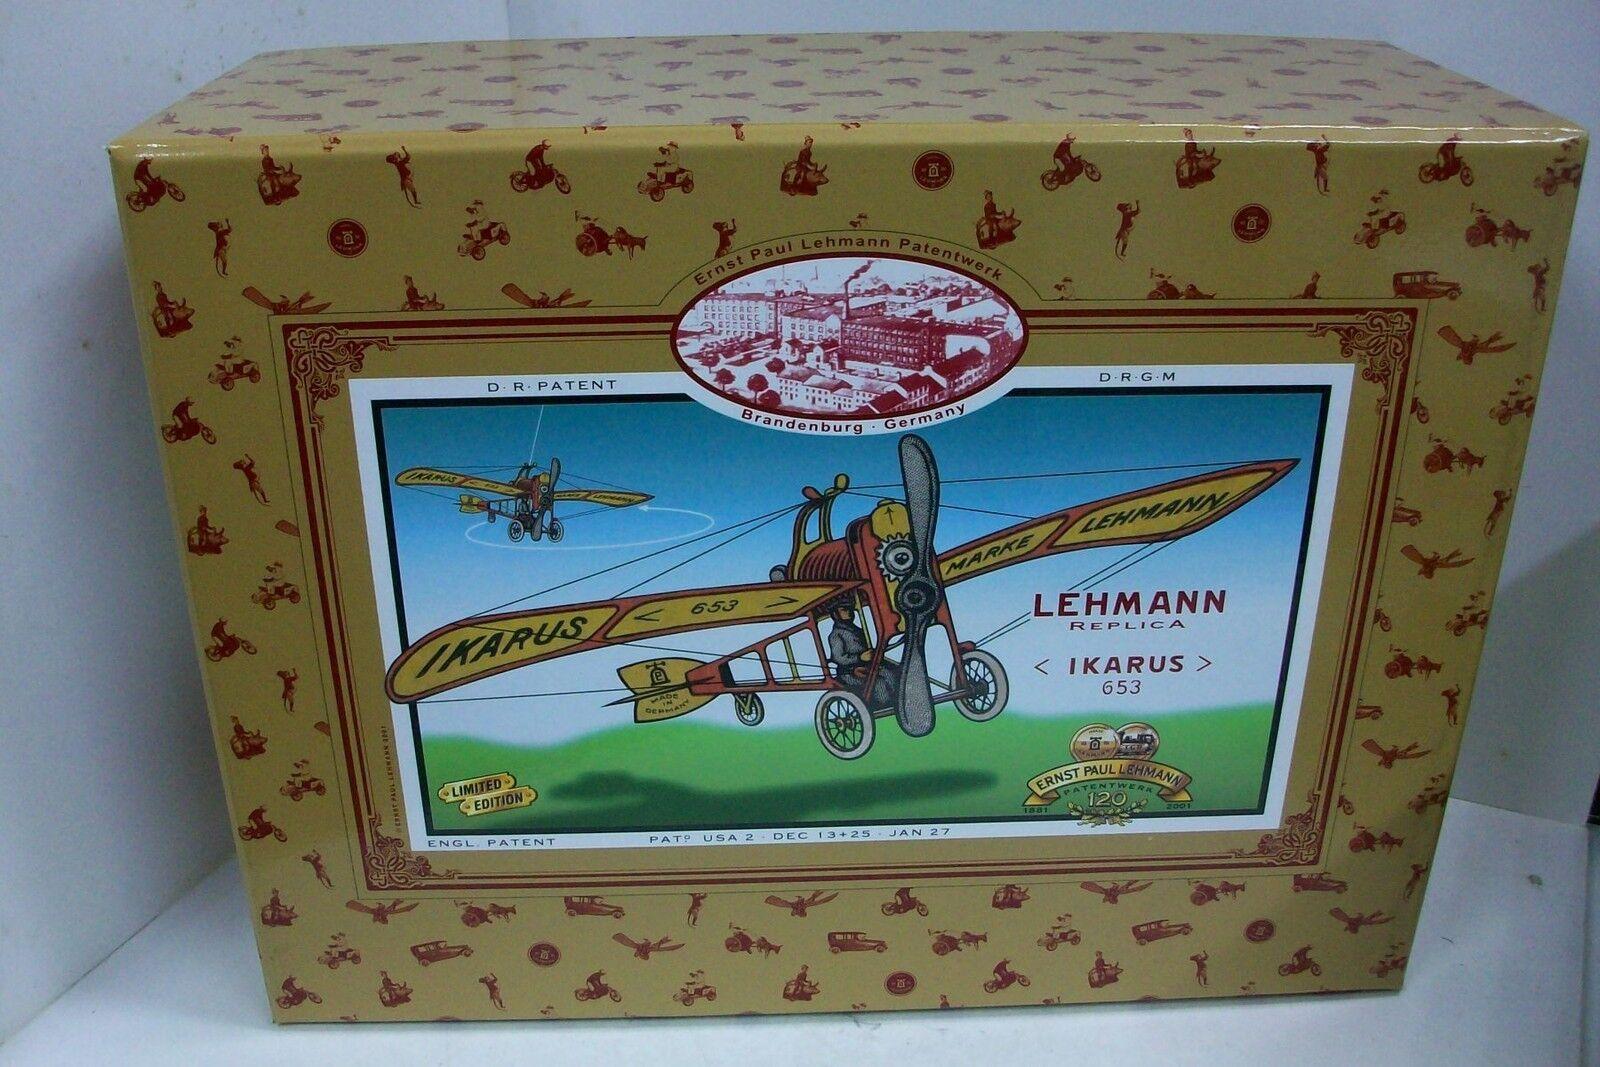 LehhomHommes  80653 replica model airplane, stbague mechanism ed. lim.  0045  réductions et plus